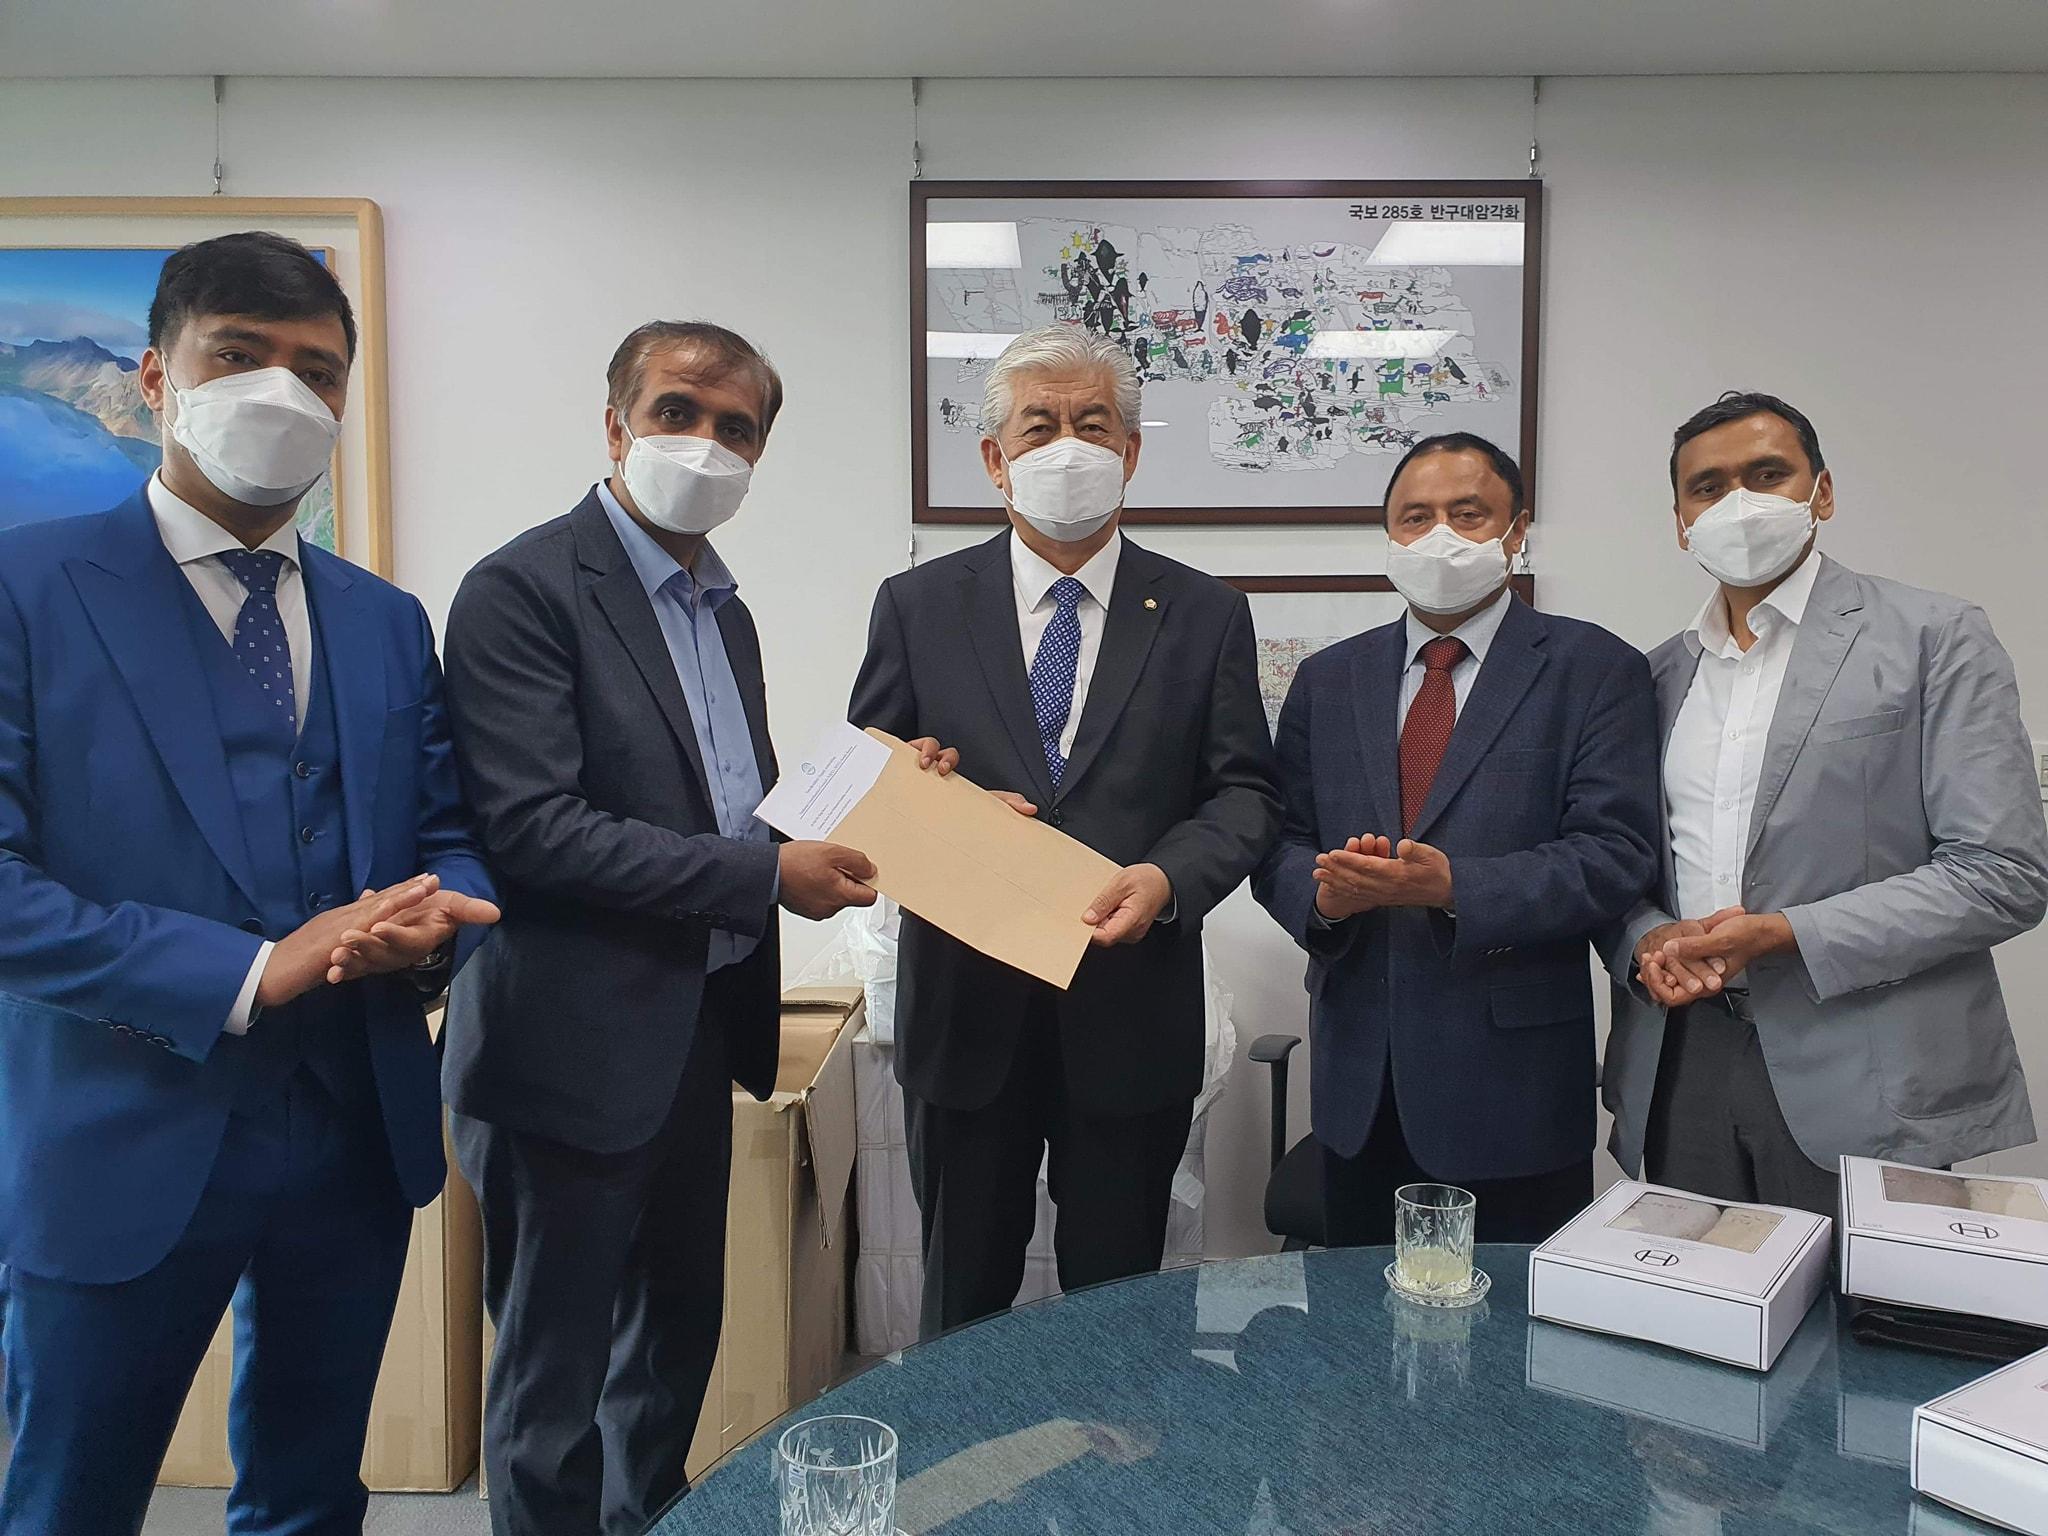 कोरोना संकटमा सहयोगको अपेक्षा राख्दै एनआरएनए पदाधिकारी दक्षिण कोरियाको संसद भवन पुगे